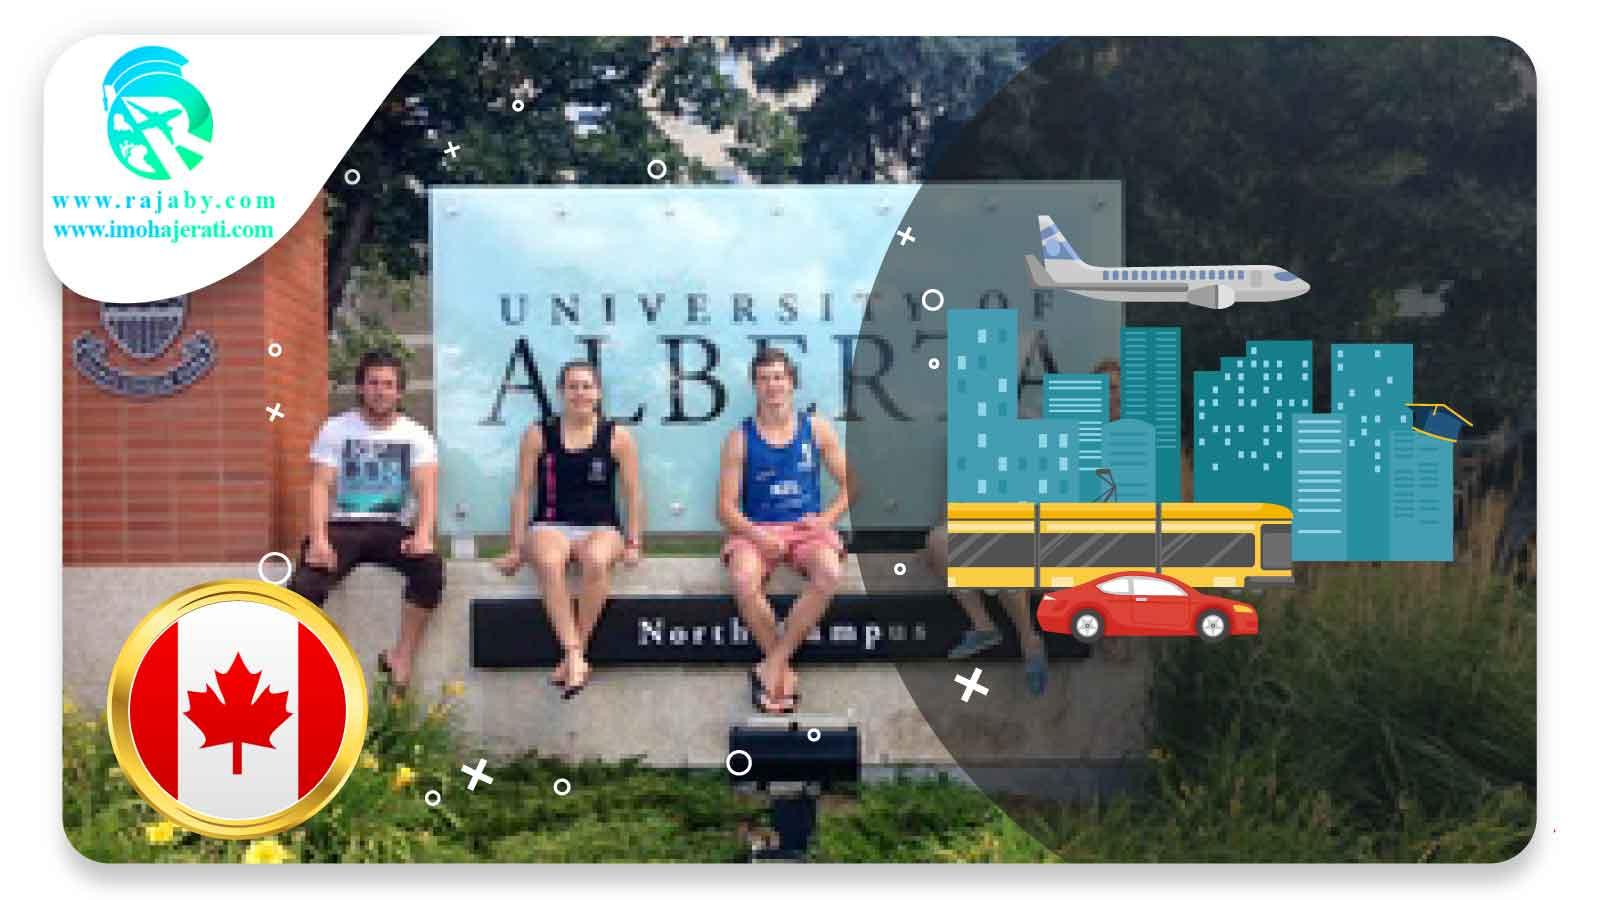 دسترسی فرودگاه ، قطار و تاکسی به دانشگاه آلبرتا